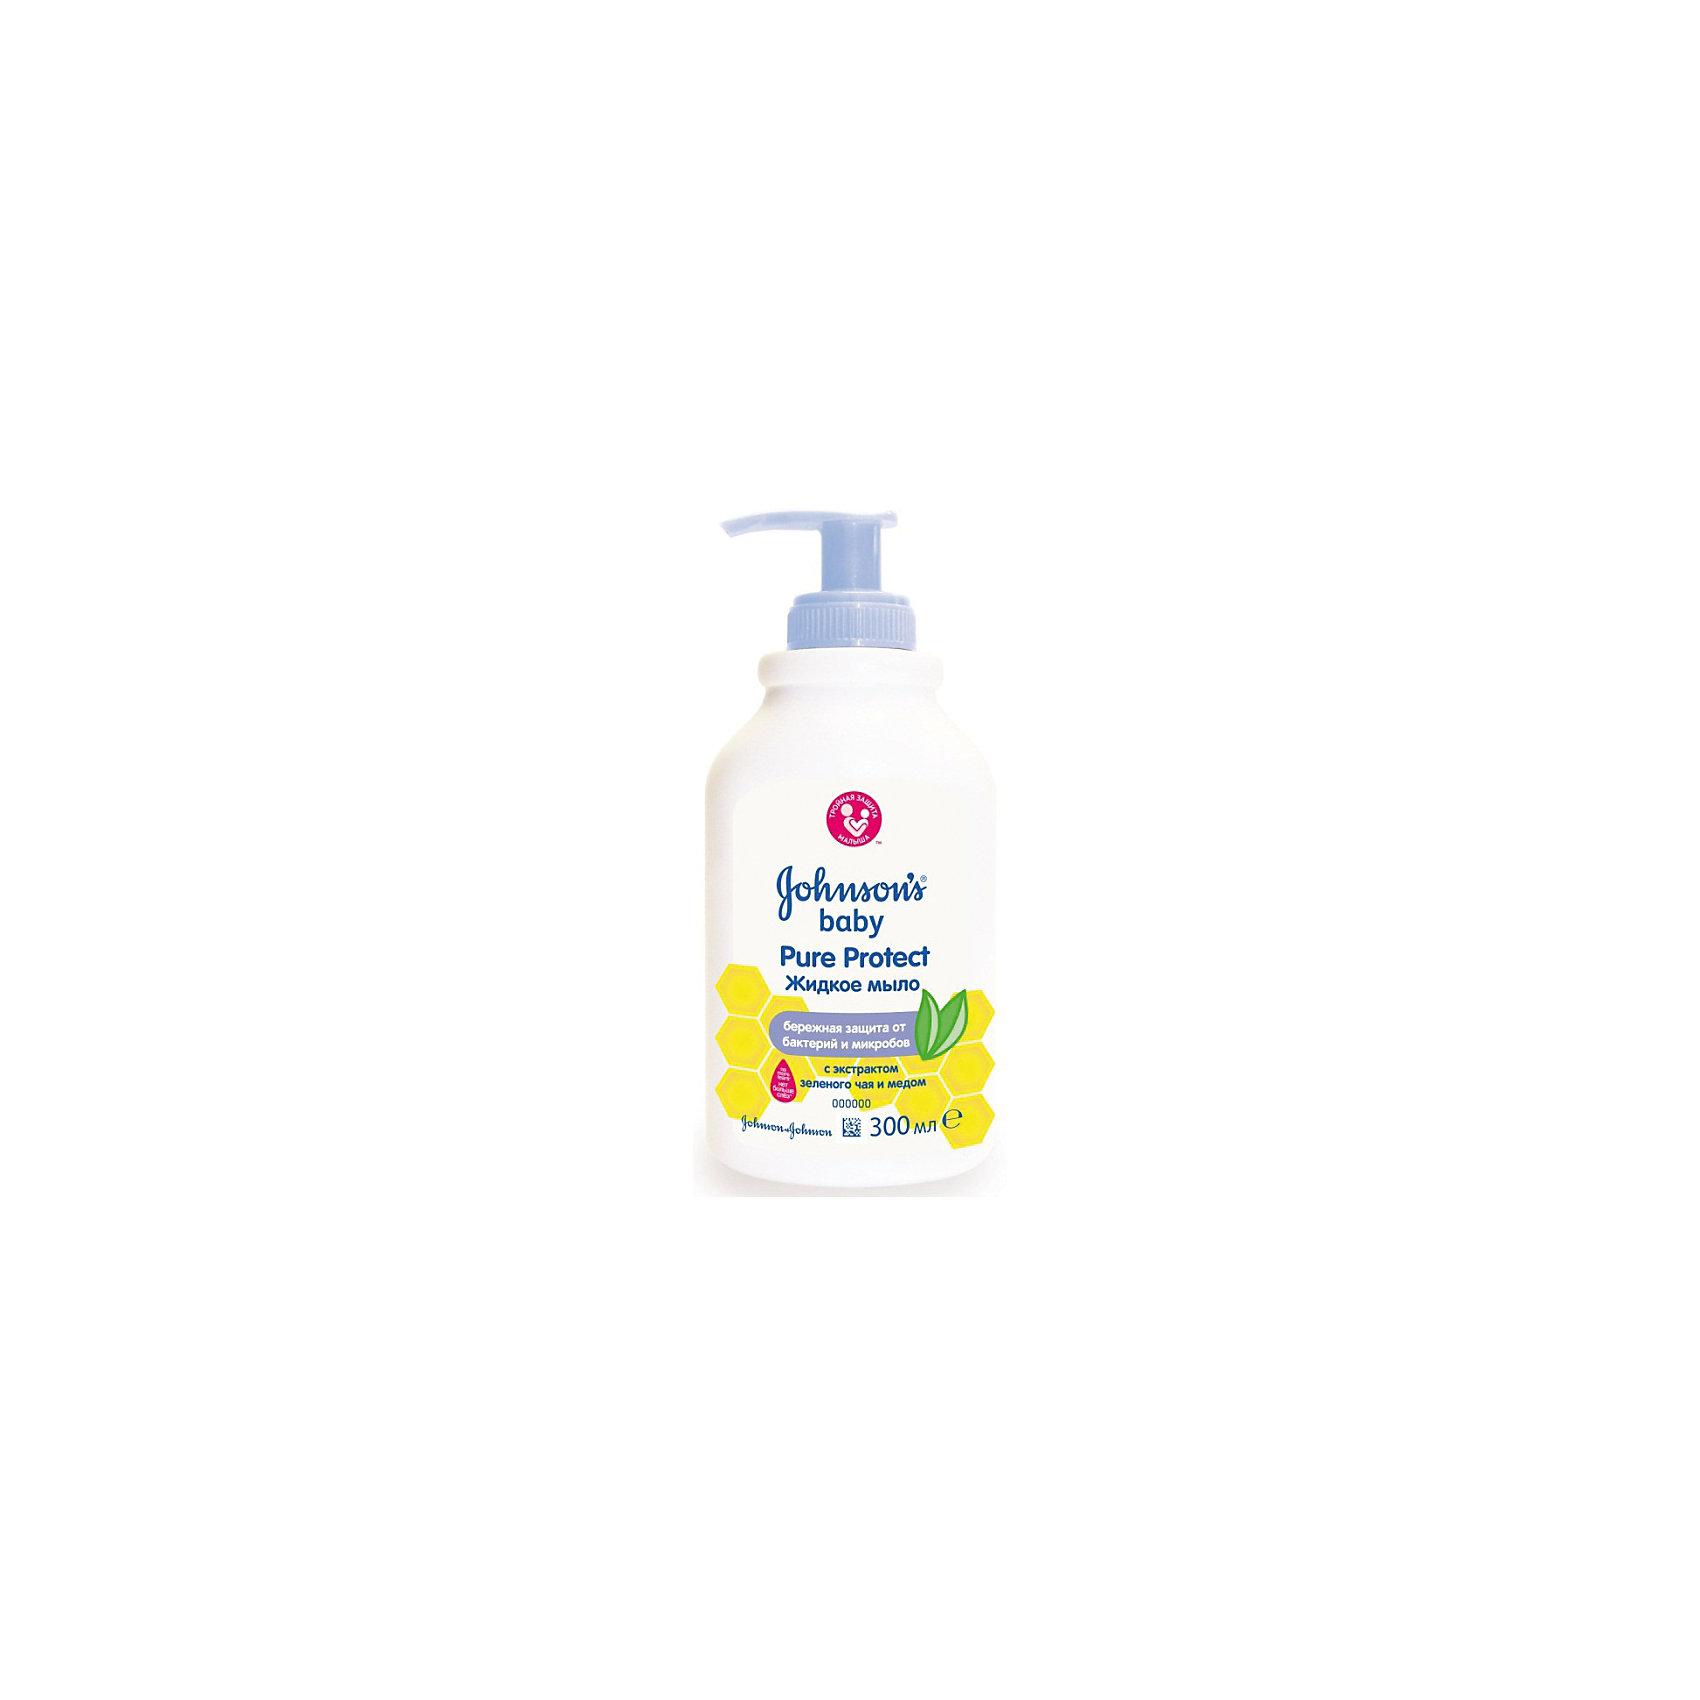 """Жидкое мыло 2 в 1 для мытья рук и тела Pure Protect 300 мл, Johnson`s babyДетское мыло<br>Сочетание именно натуральных ингредиентов (прополис, зеленый чай) очень важно для чувствительной детской кожи. Более того, средства гипоаллергенные и не щиплют глазки""""<br><br>Ширина мм: 55<br>Глубина мм: 70<br>Высота мм: 159<br>Вес г: 317<br>Возраст от месяцев: -2147483648<br>Возраст до месяцев: 2147483647<br>Пол: Унисекс<br>Возраст: Детский<br>SKU: 4796701"""